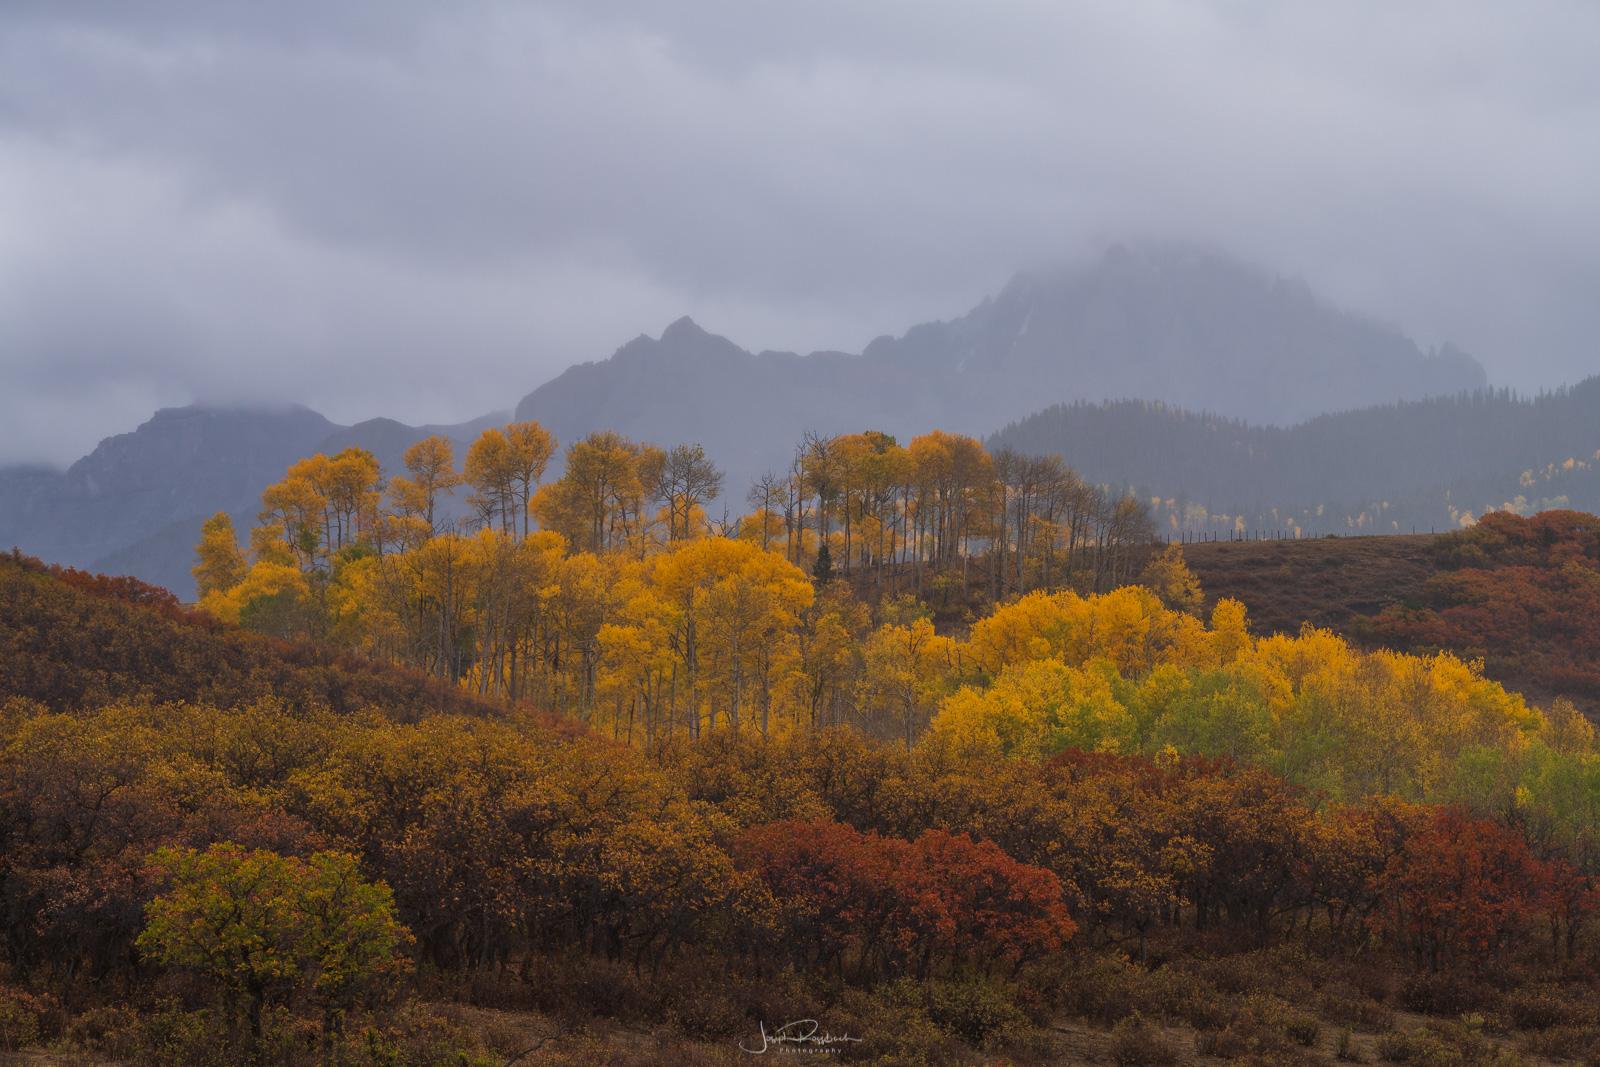 A storm and autumn aspens below Mount Sneffels.